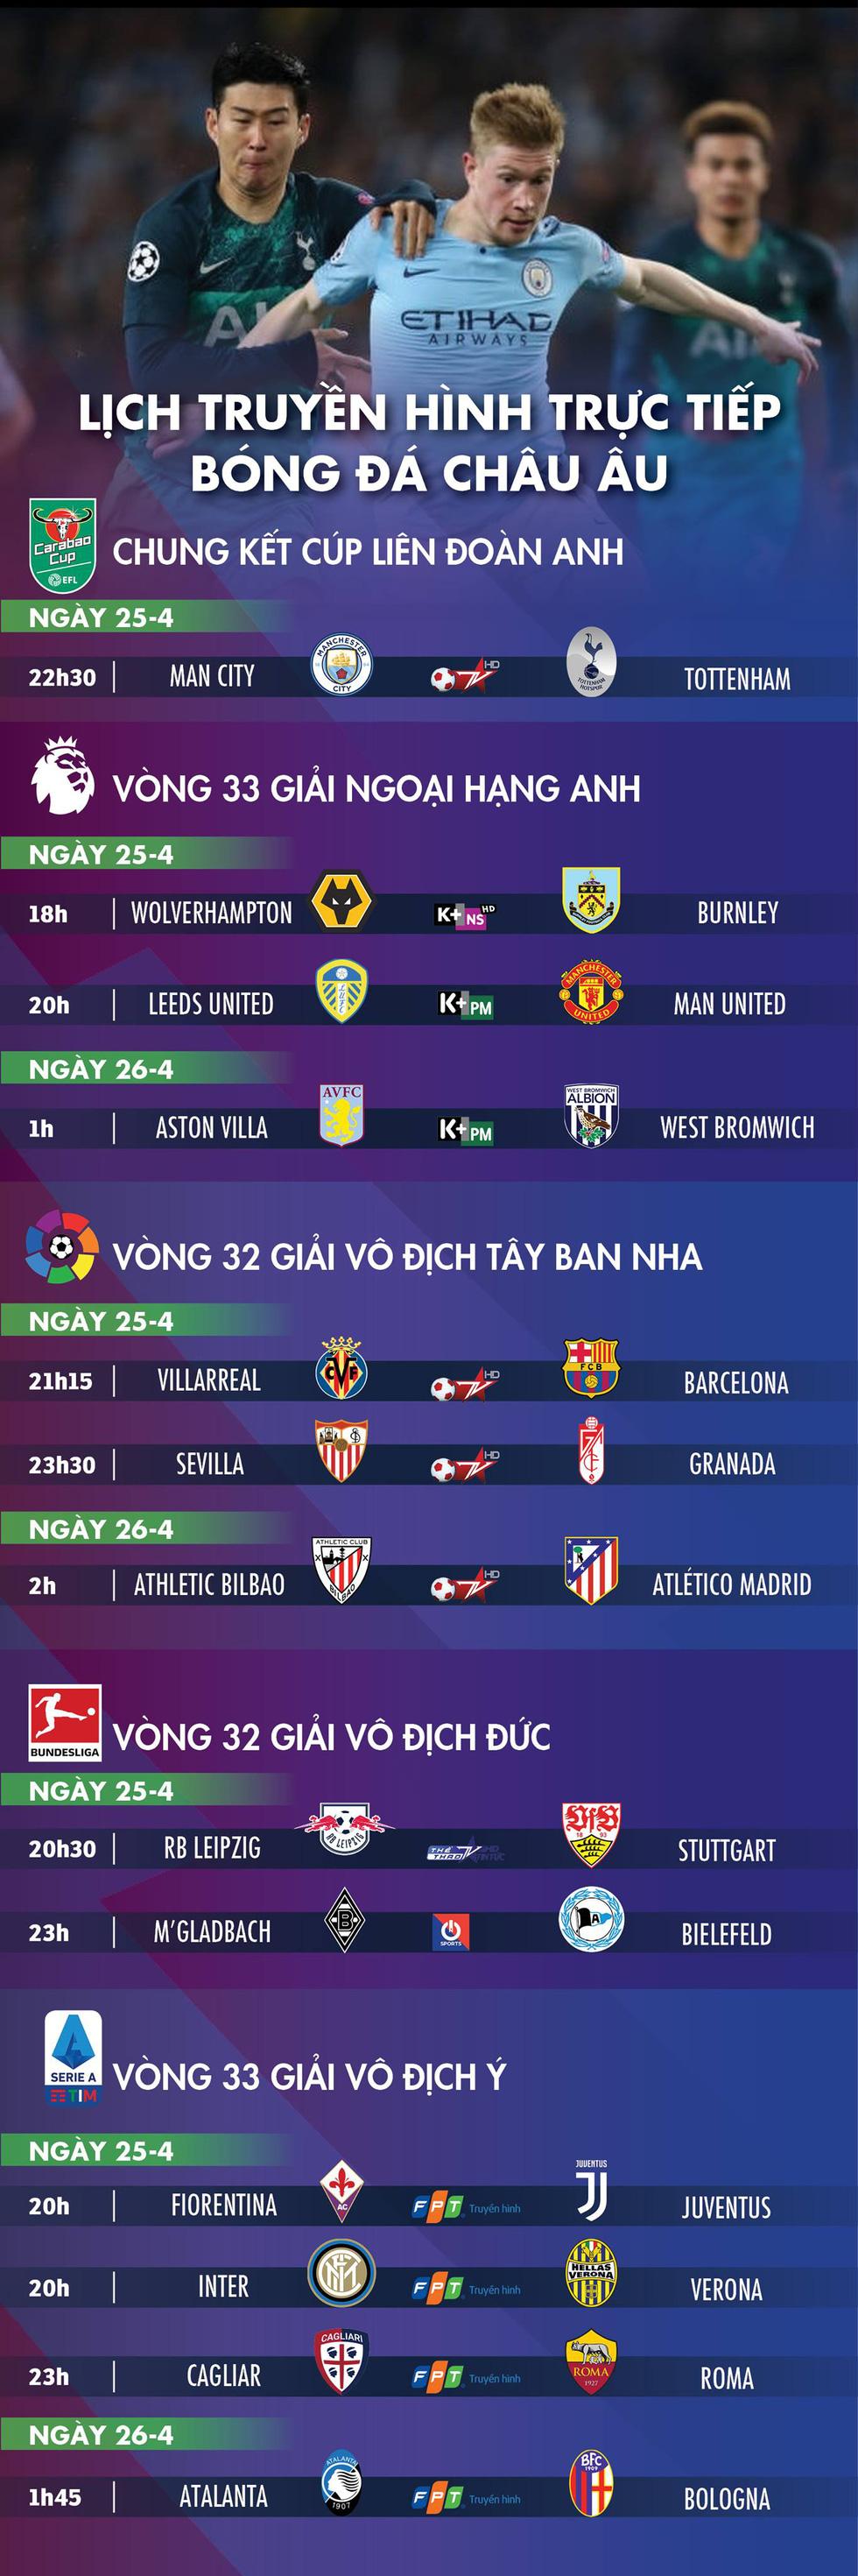 Lịch trực tiếp bóng đá châu Âu: Man City và Tottenham tranh chức vô địch - Ảnh 1.